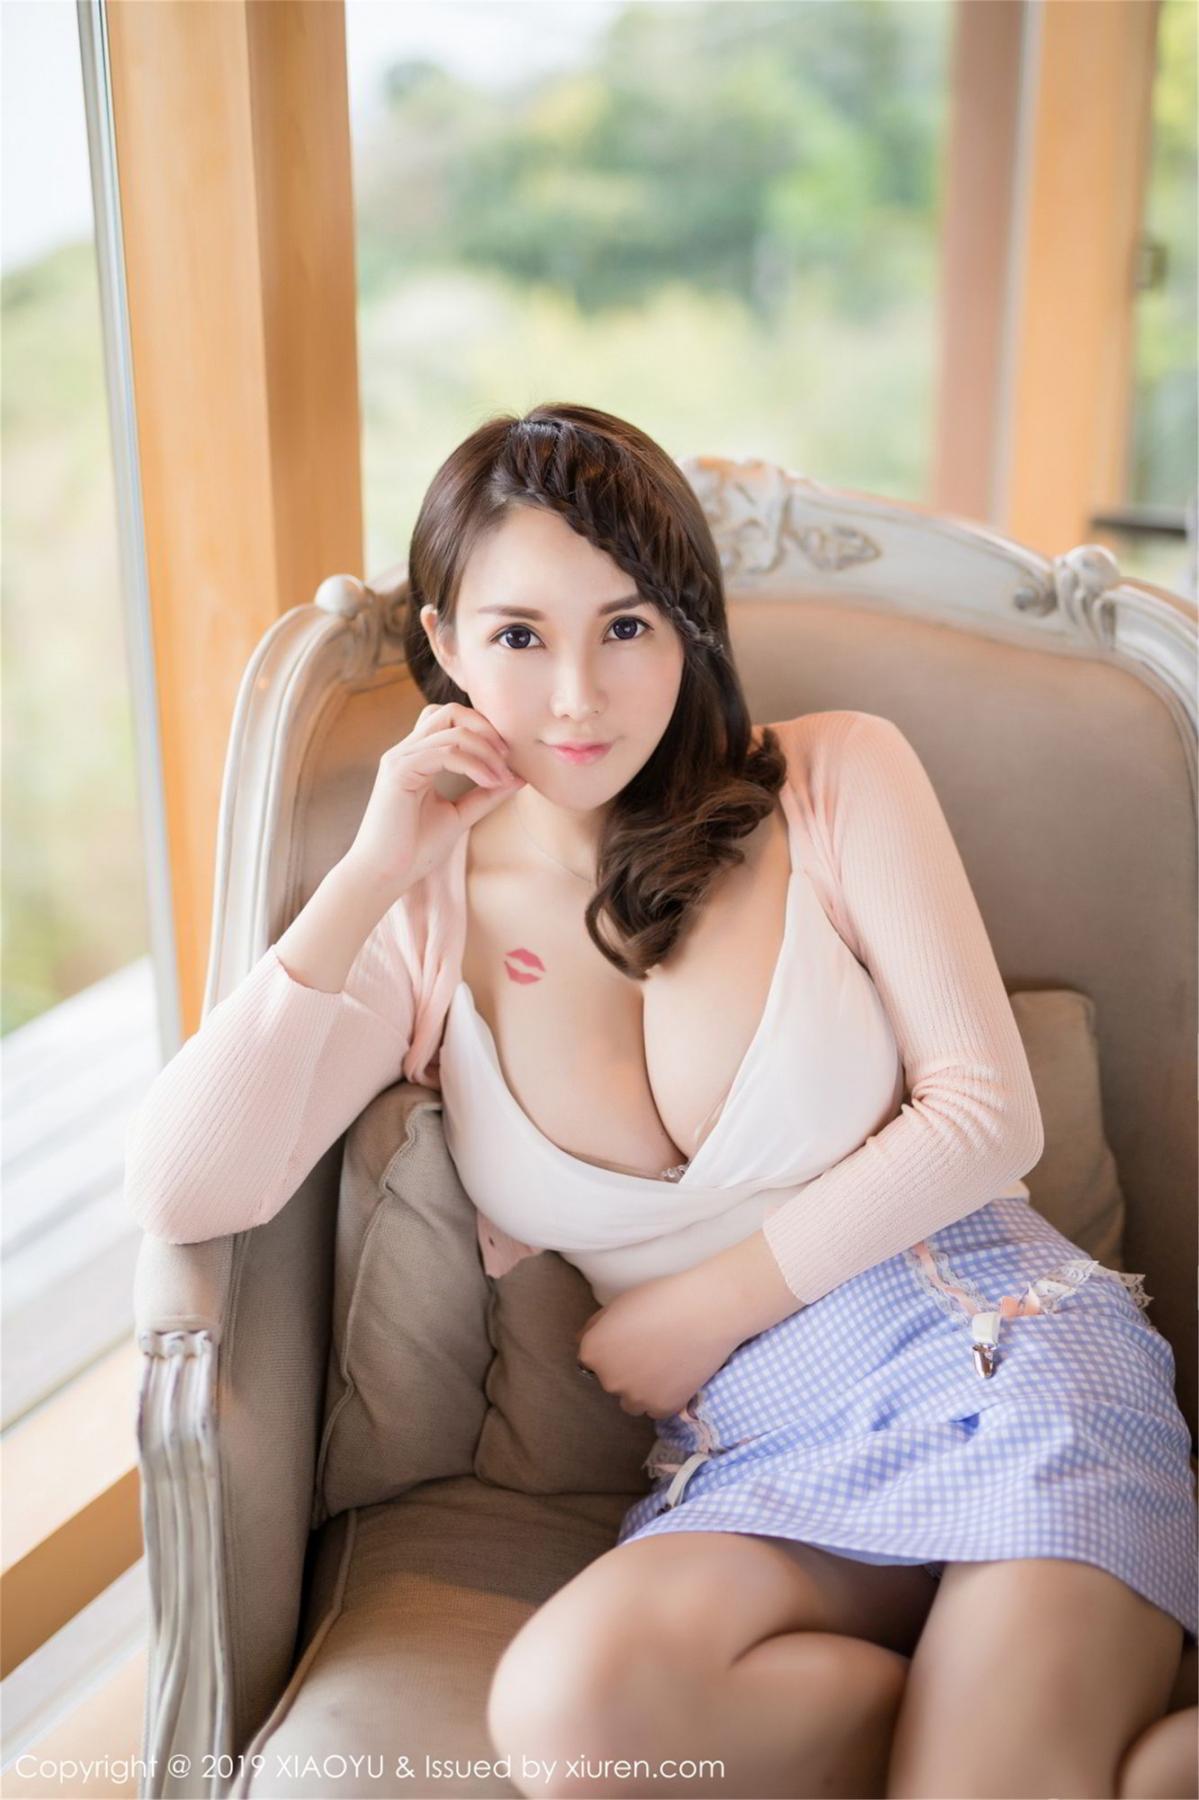 [XiaoYu] Vol.080 Shen Mi Tao 45P, Shen Mi Tao, XiaoYu